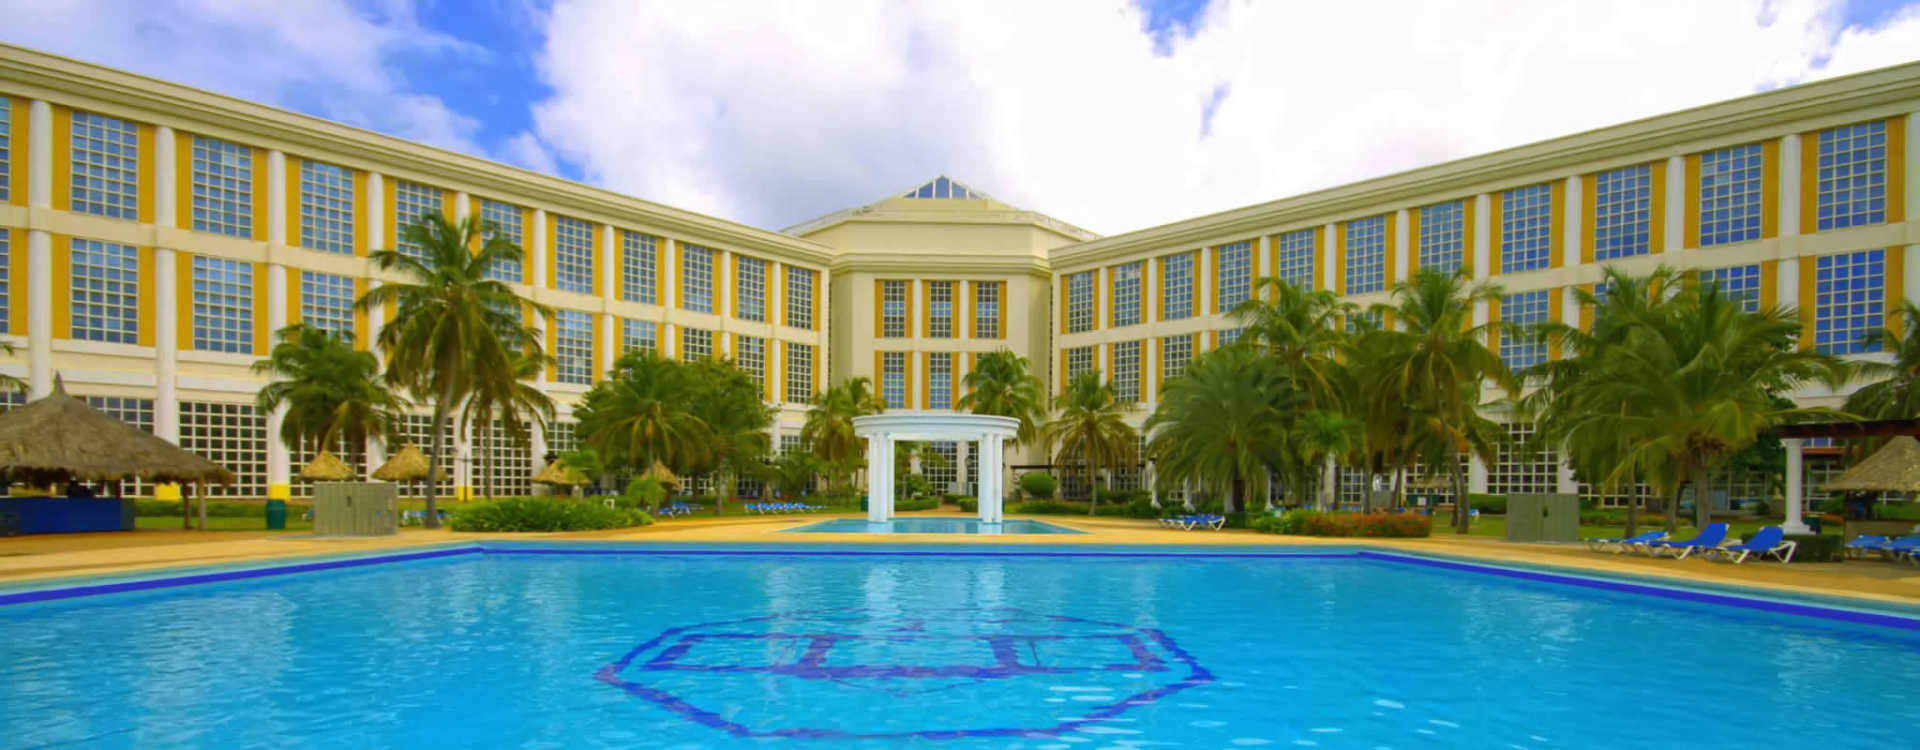 Piscina Hotel Hesperia Isla Margarita